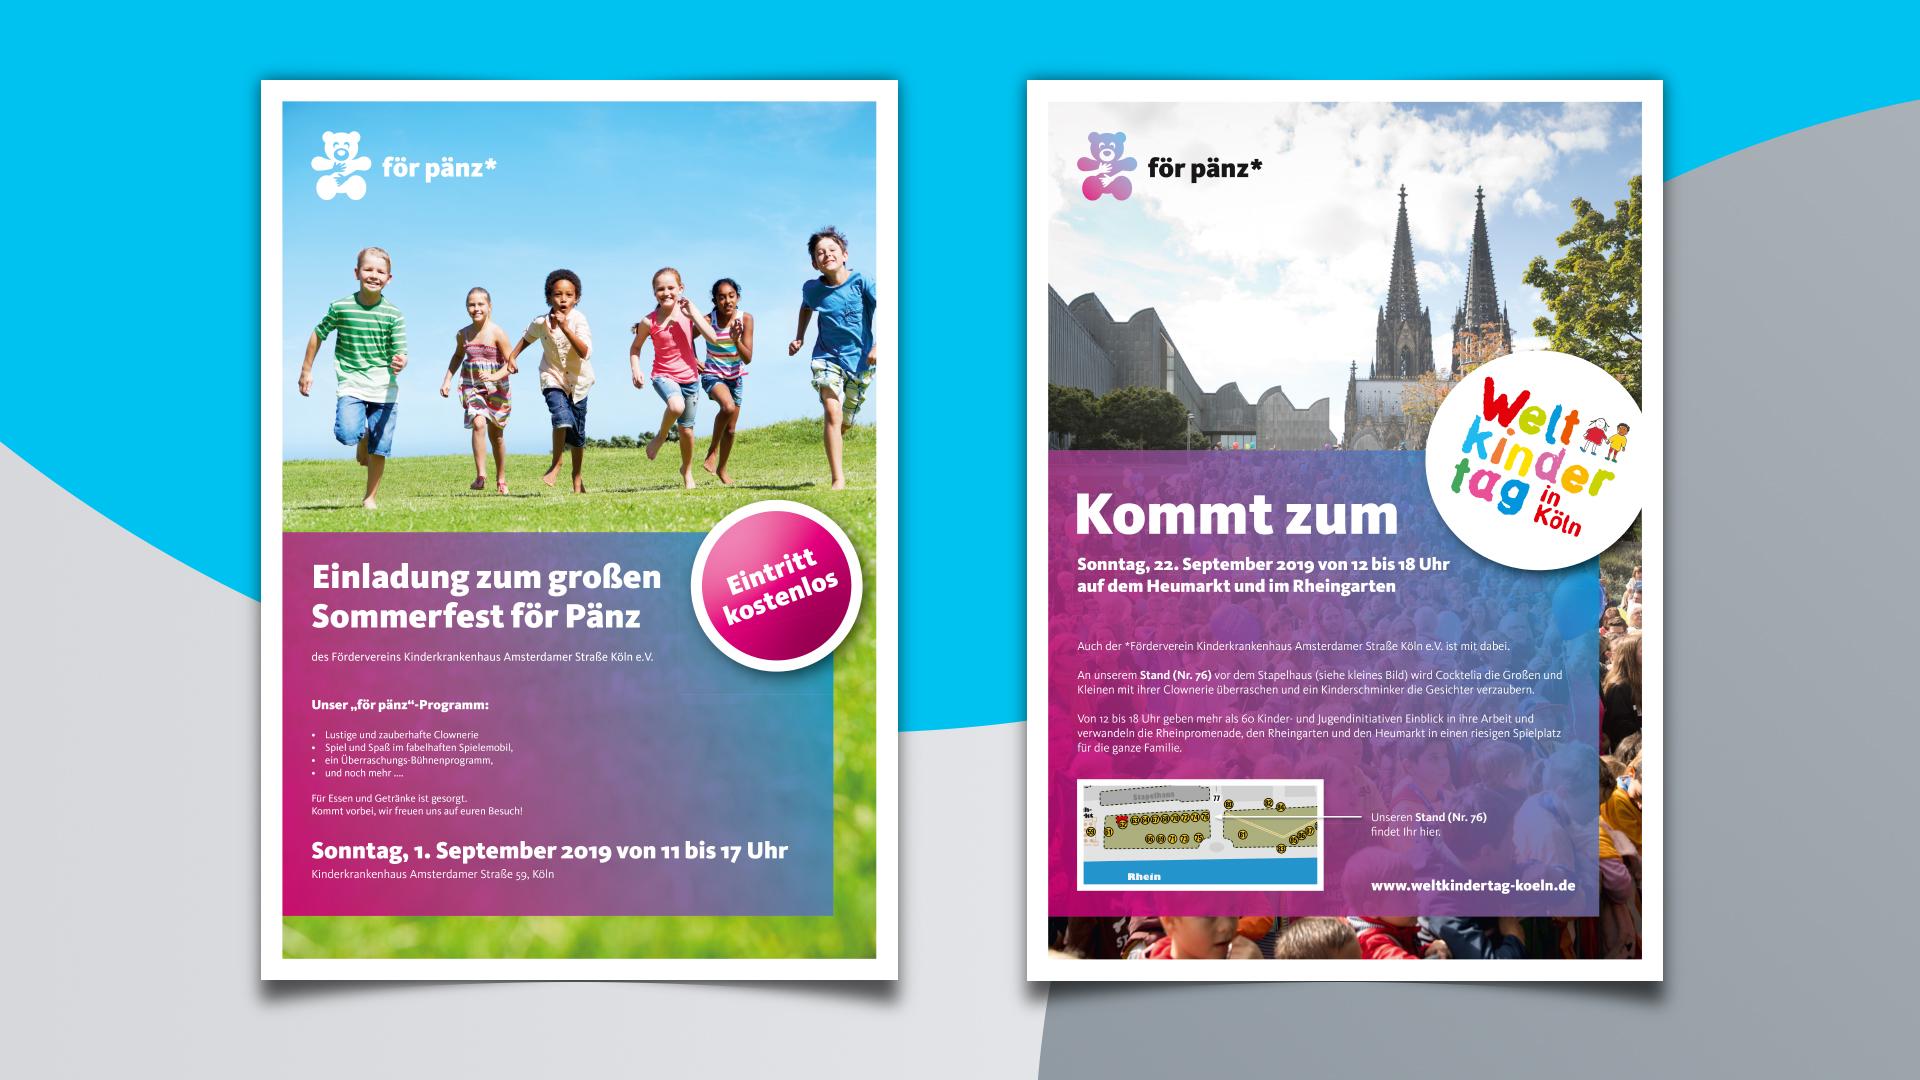 Foerderverein_Kinderkrankenhaus_03